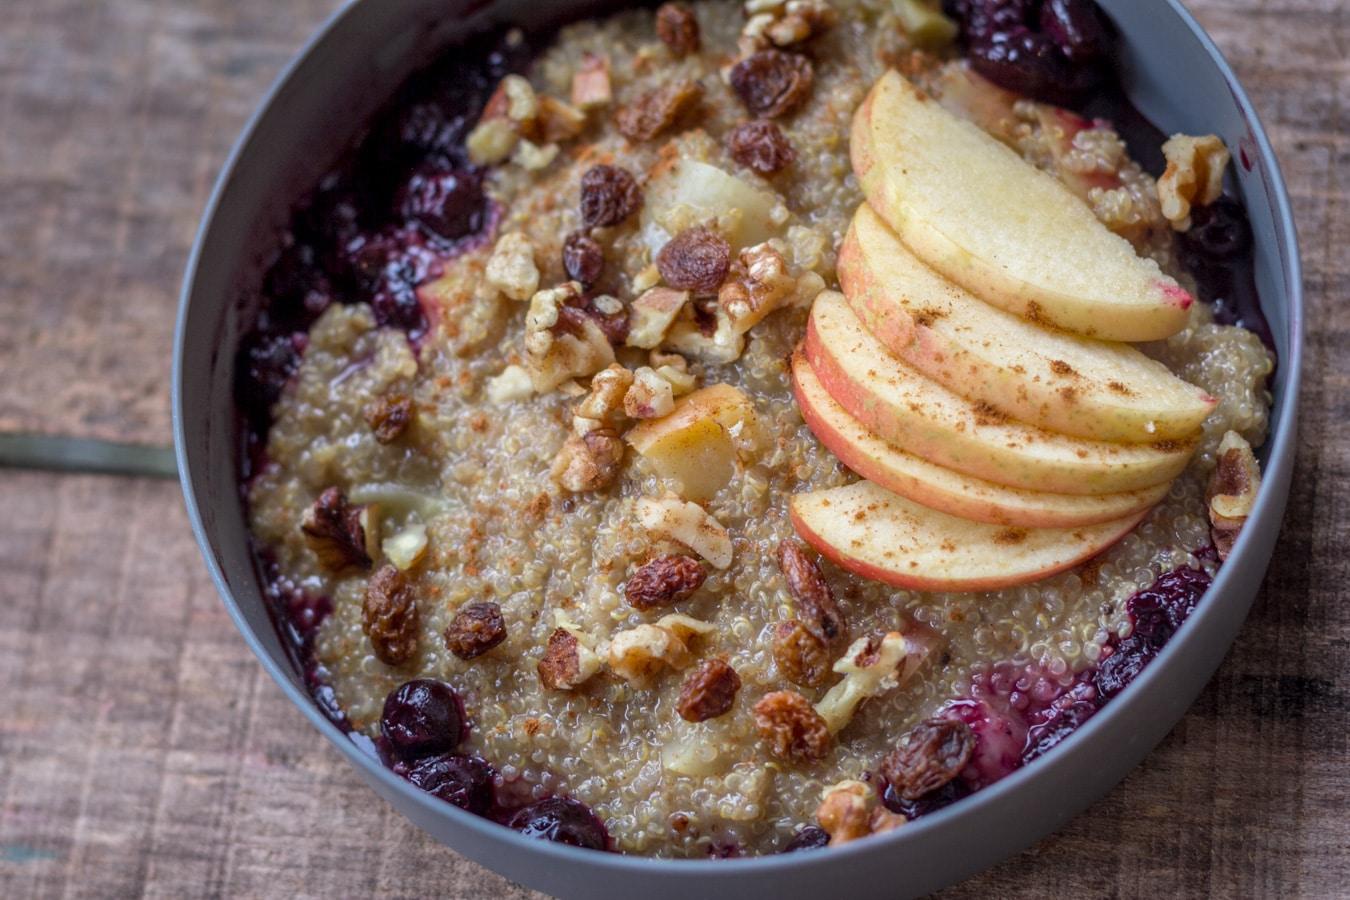 Bowl of quinoa porridge with apples.